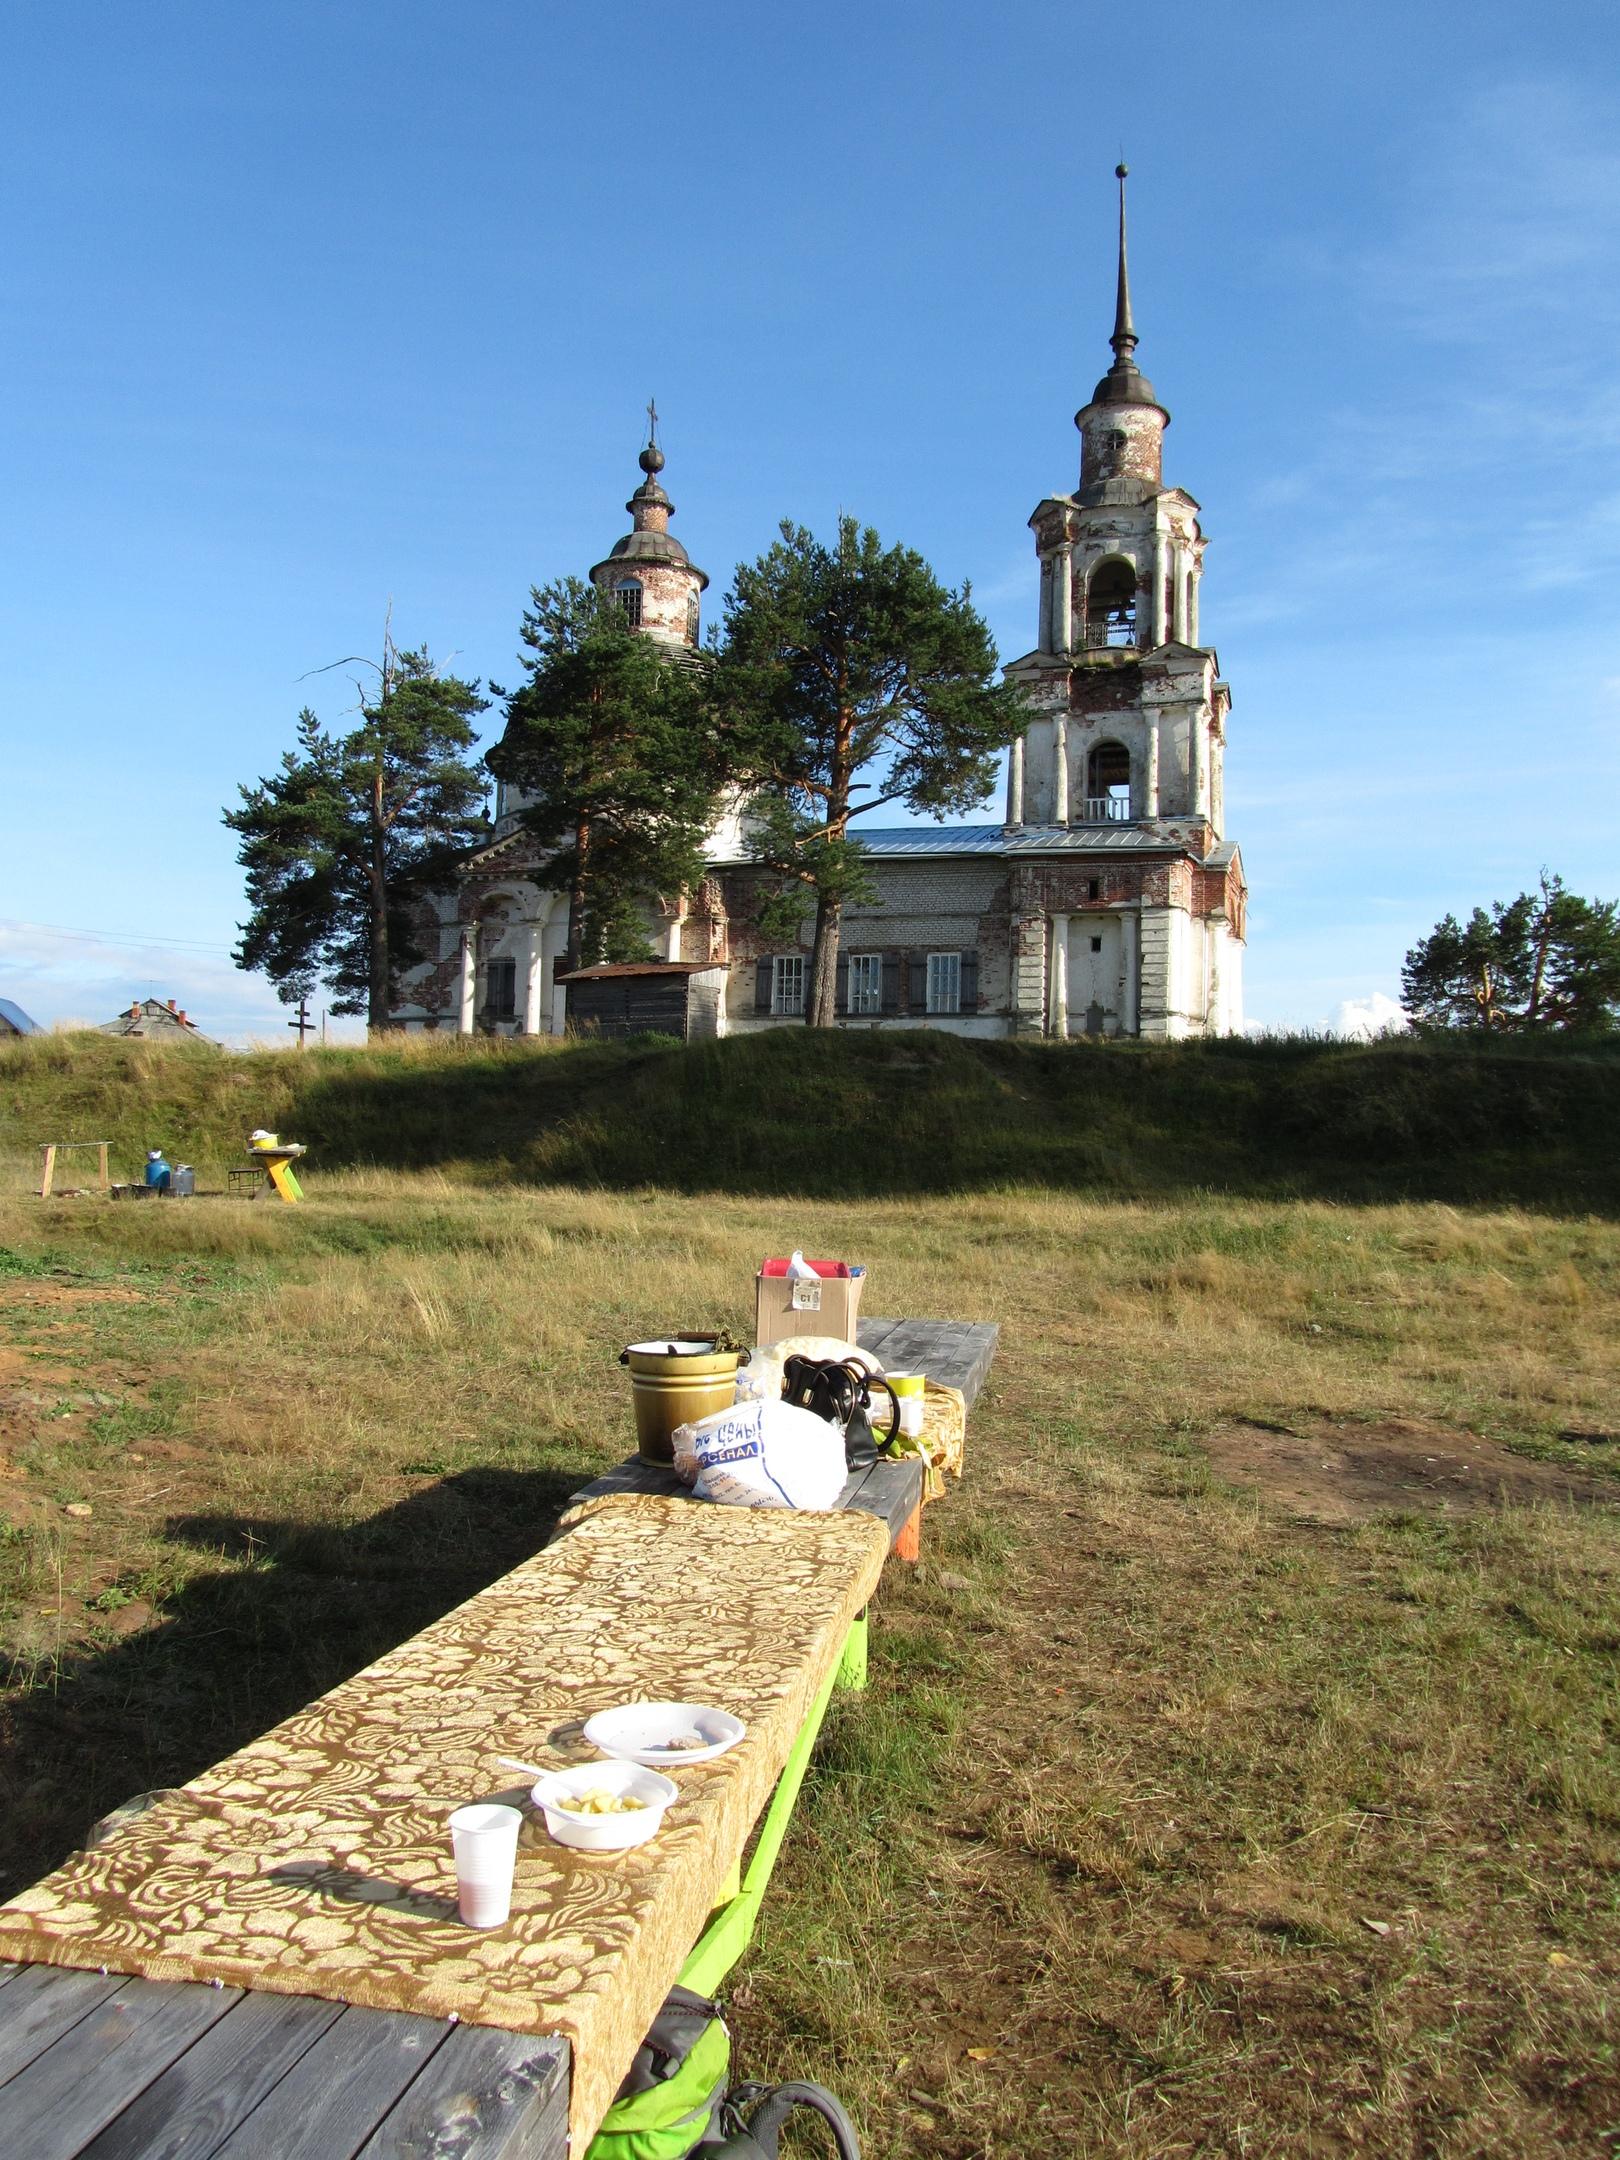 на фоне старинной церкви застолье в честь дня села Кажим